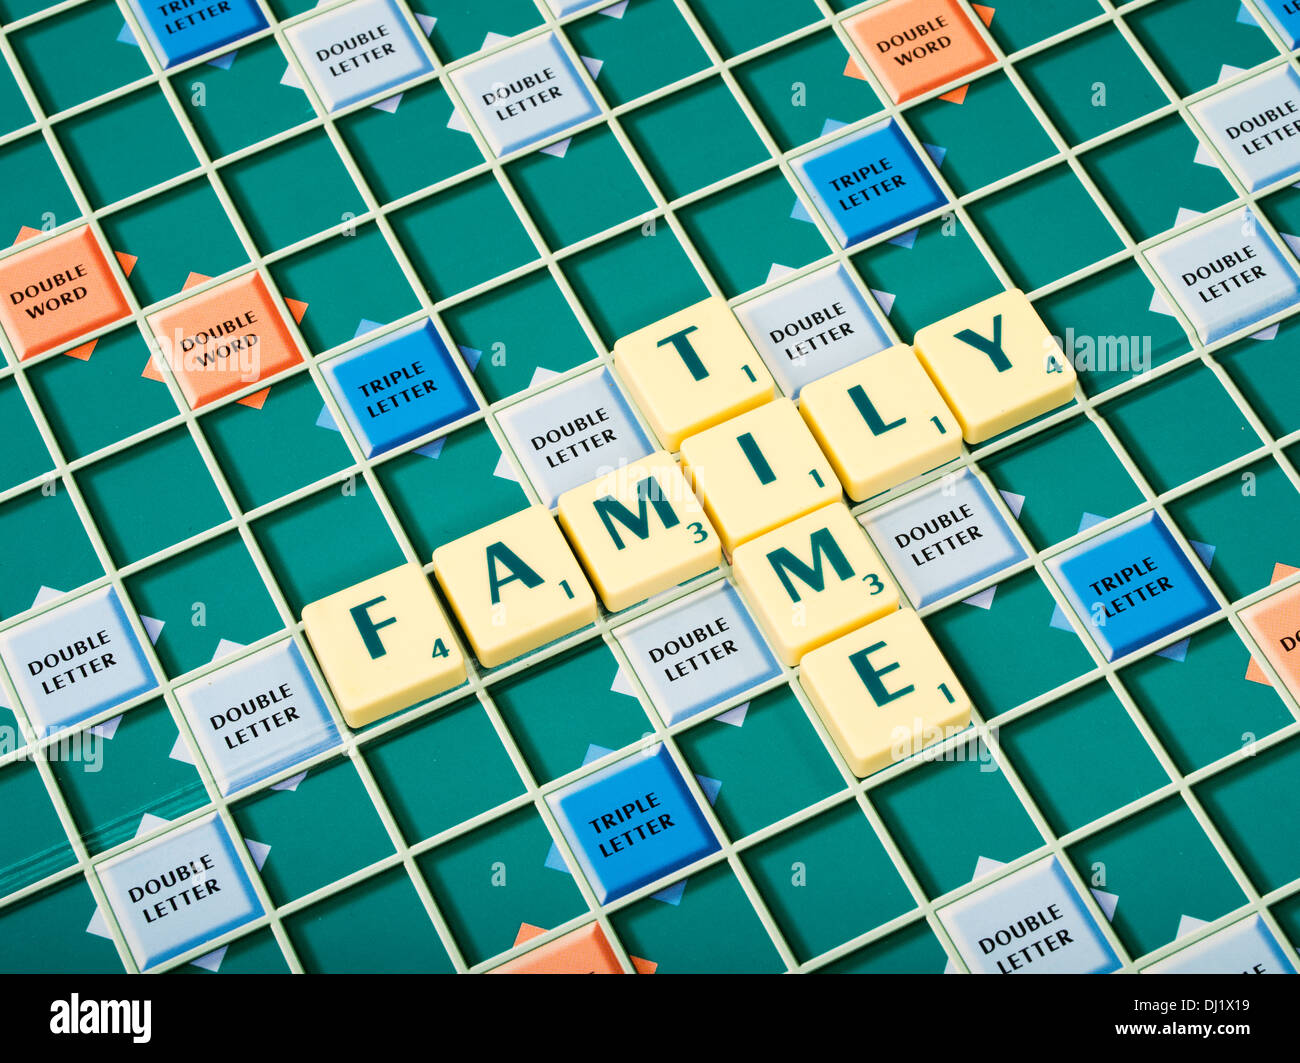 Jeu de mot Scrabble de Mattel / Hasbro Banque D'Images